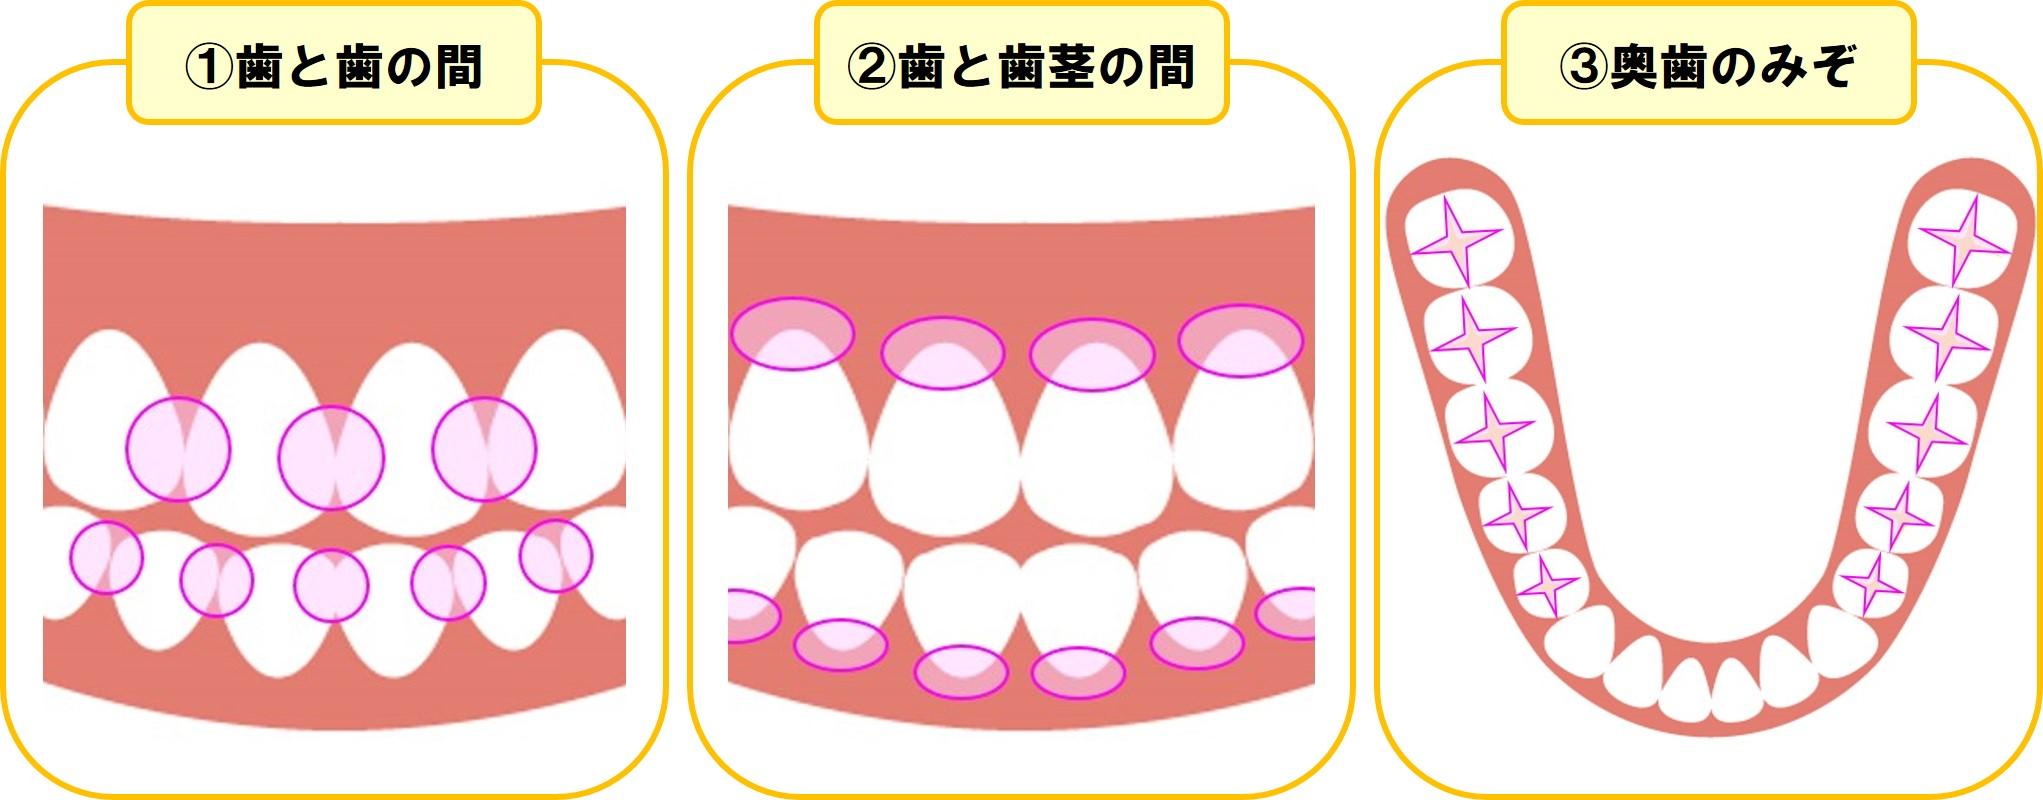 虫歯になりやすい場所のイラスト